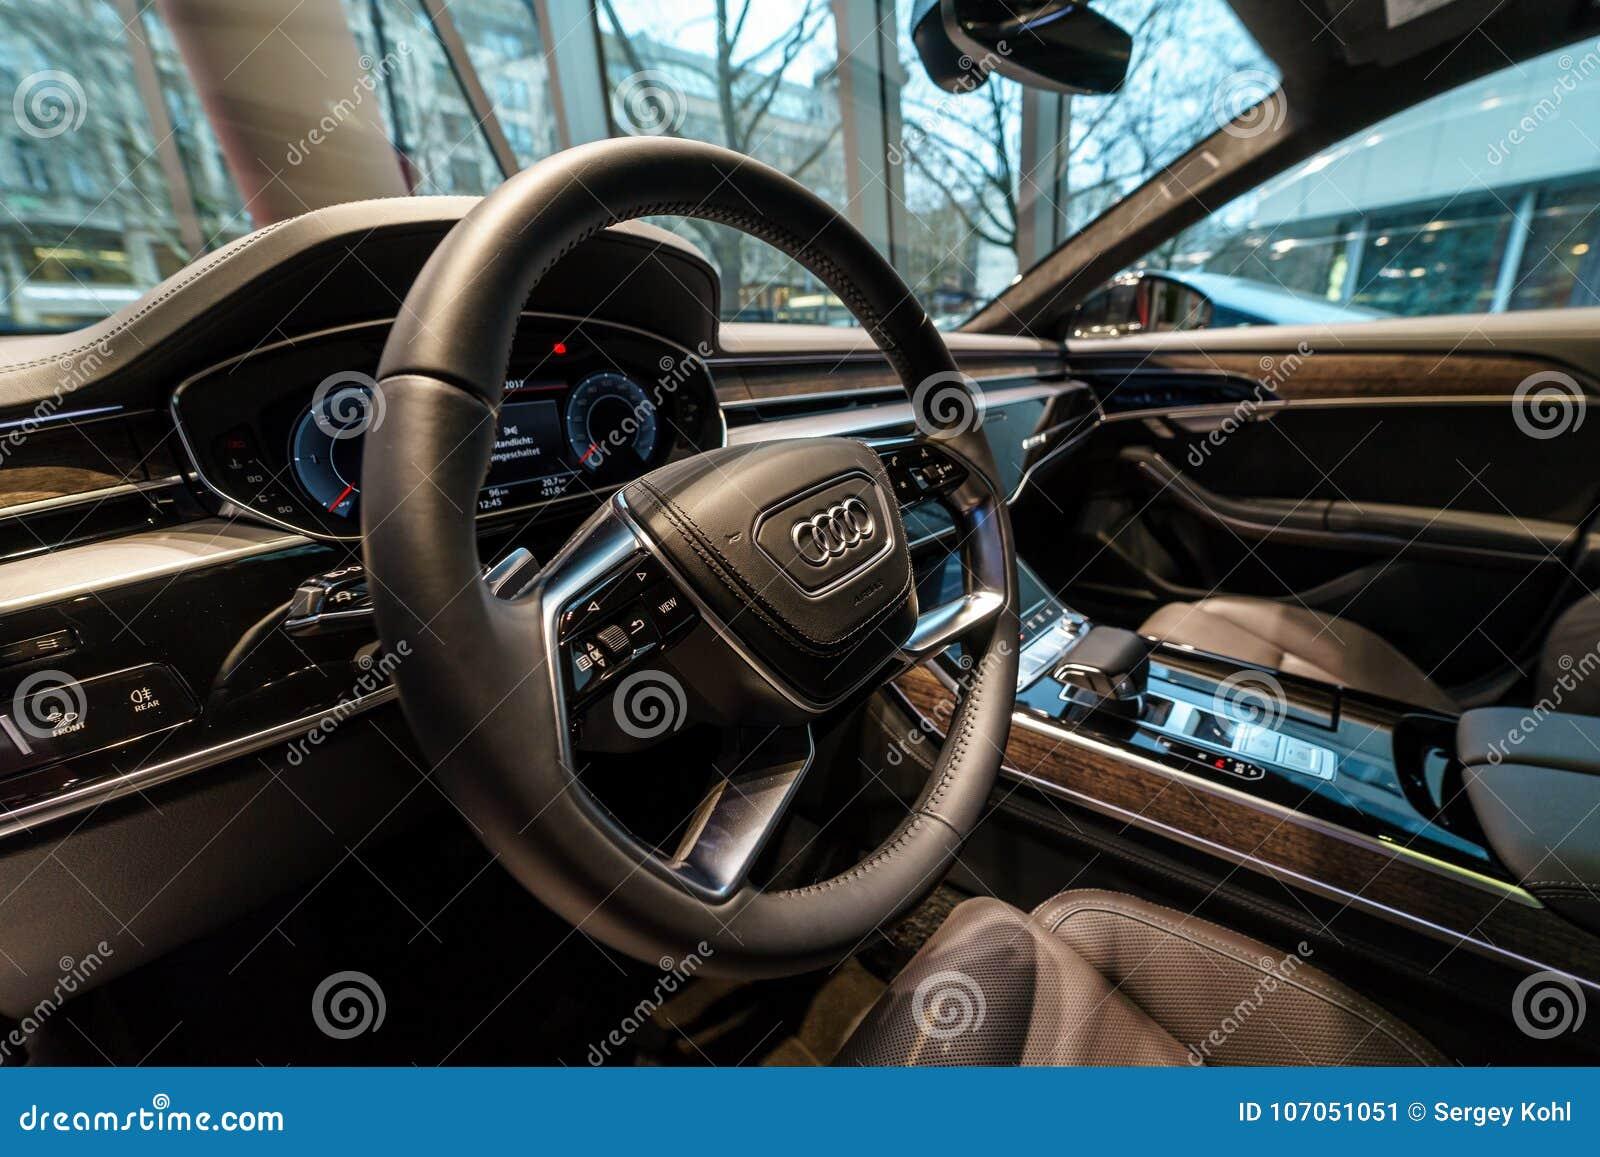 Kelebihan Kekurangan Audi A8 3.0 Tdi Perbandingan Harga